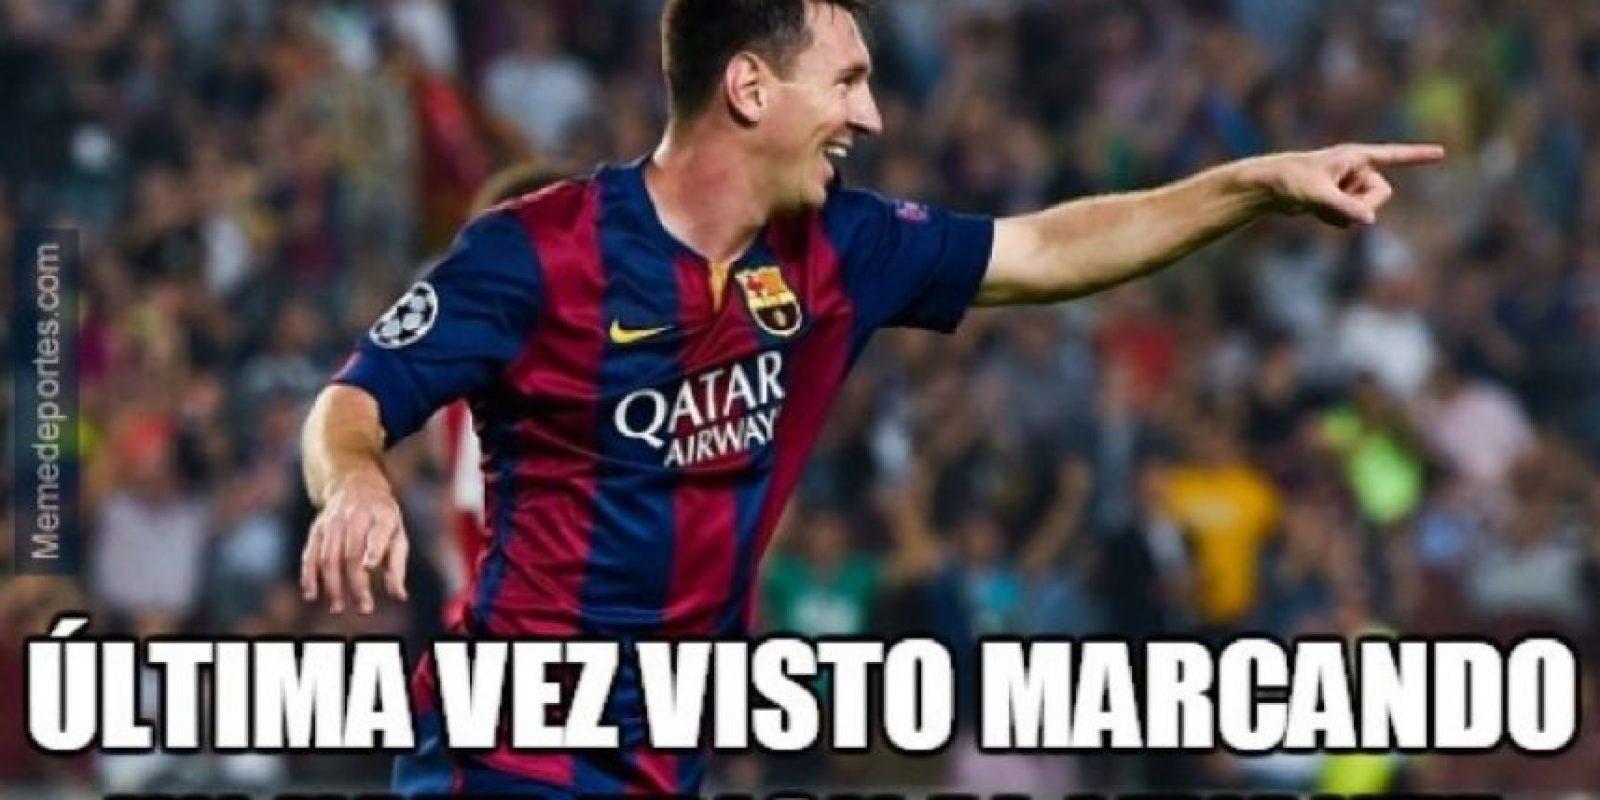 Los memes de Messi aparecieron en redes sociales. Foto:Twitter